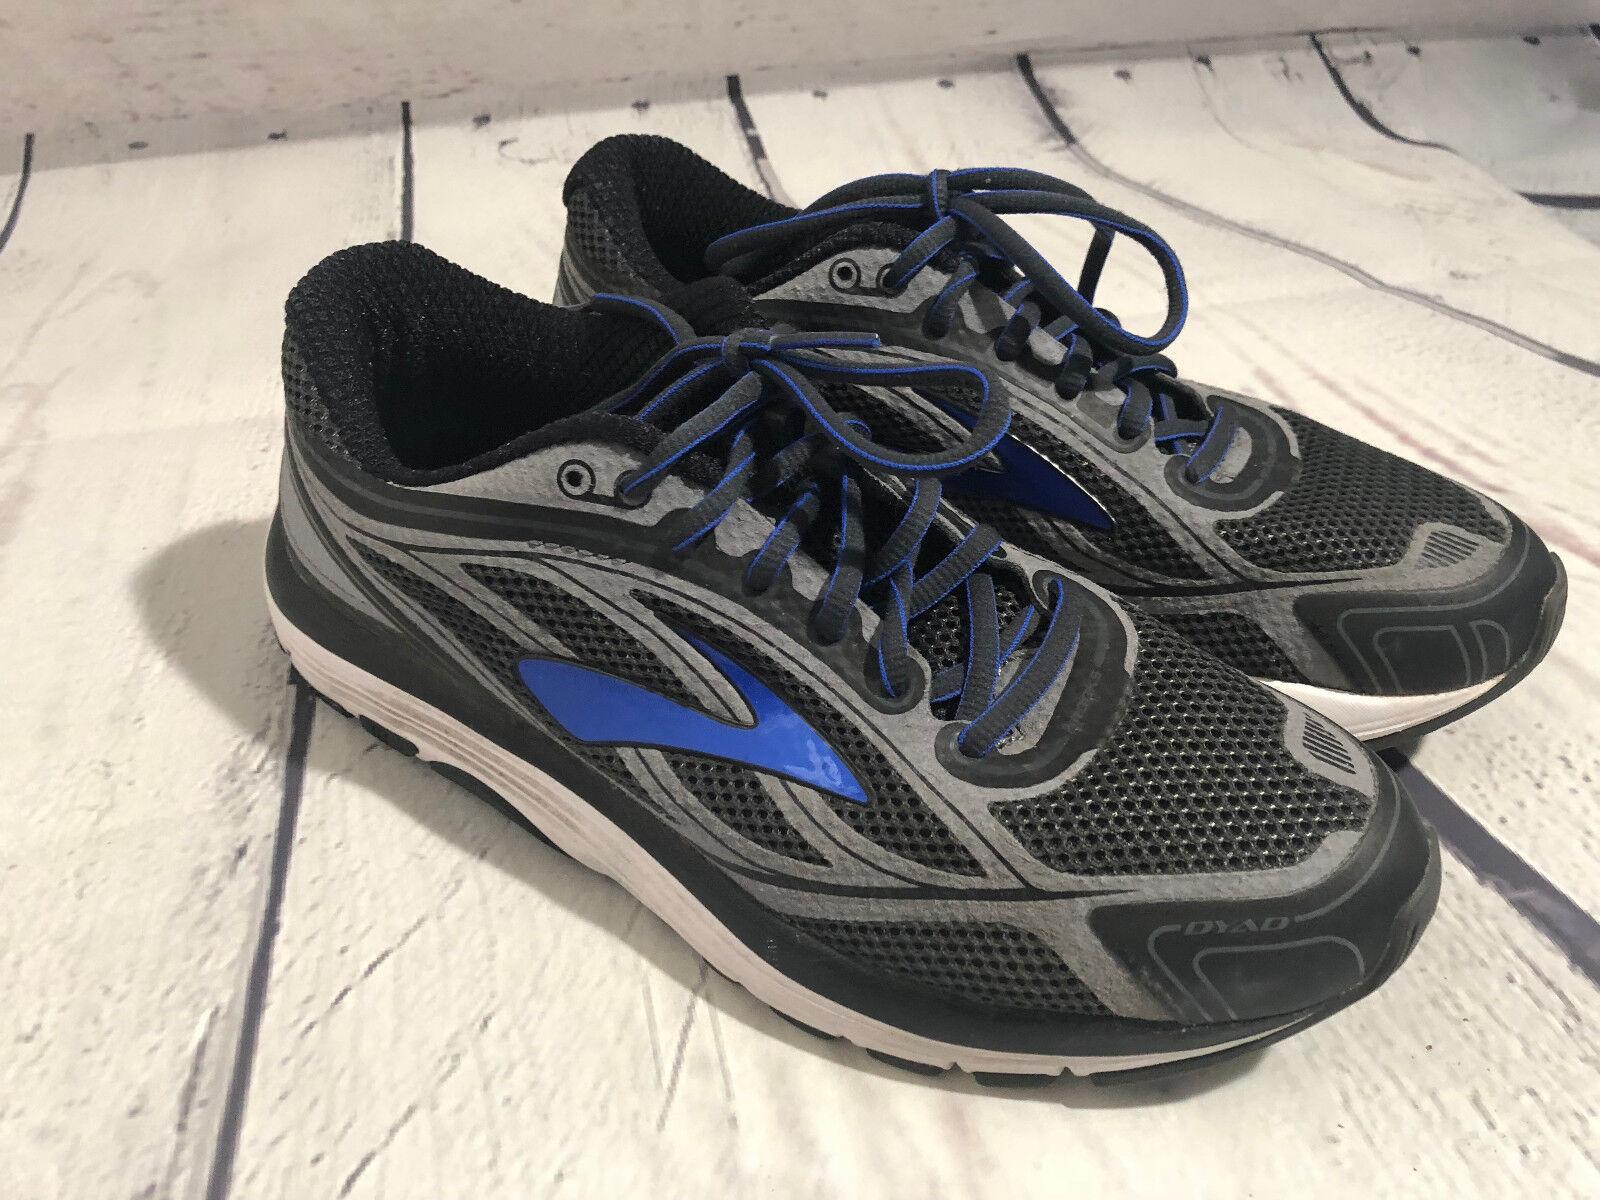 BROOKS DYAD 9 Taille US 8.5 Homme Chaussures De Course Avec LYNCO orthodics Semelles Intérieures